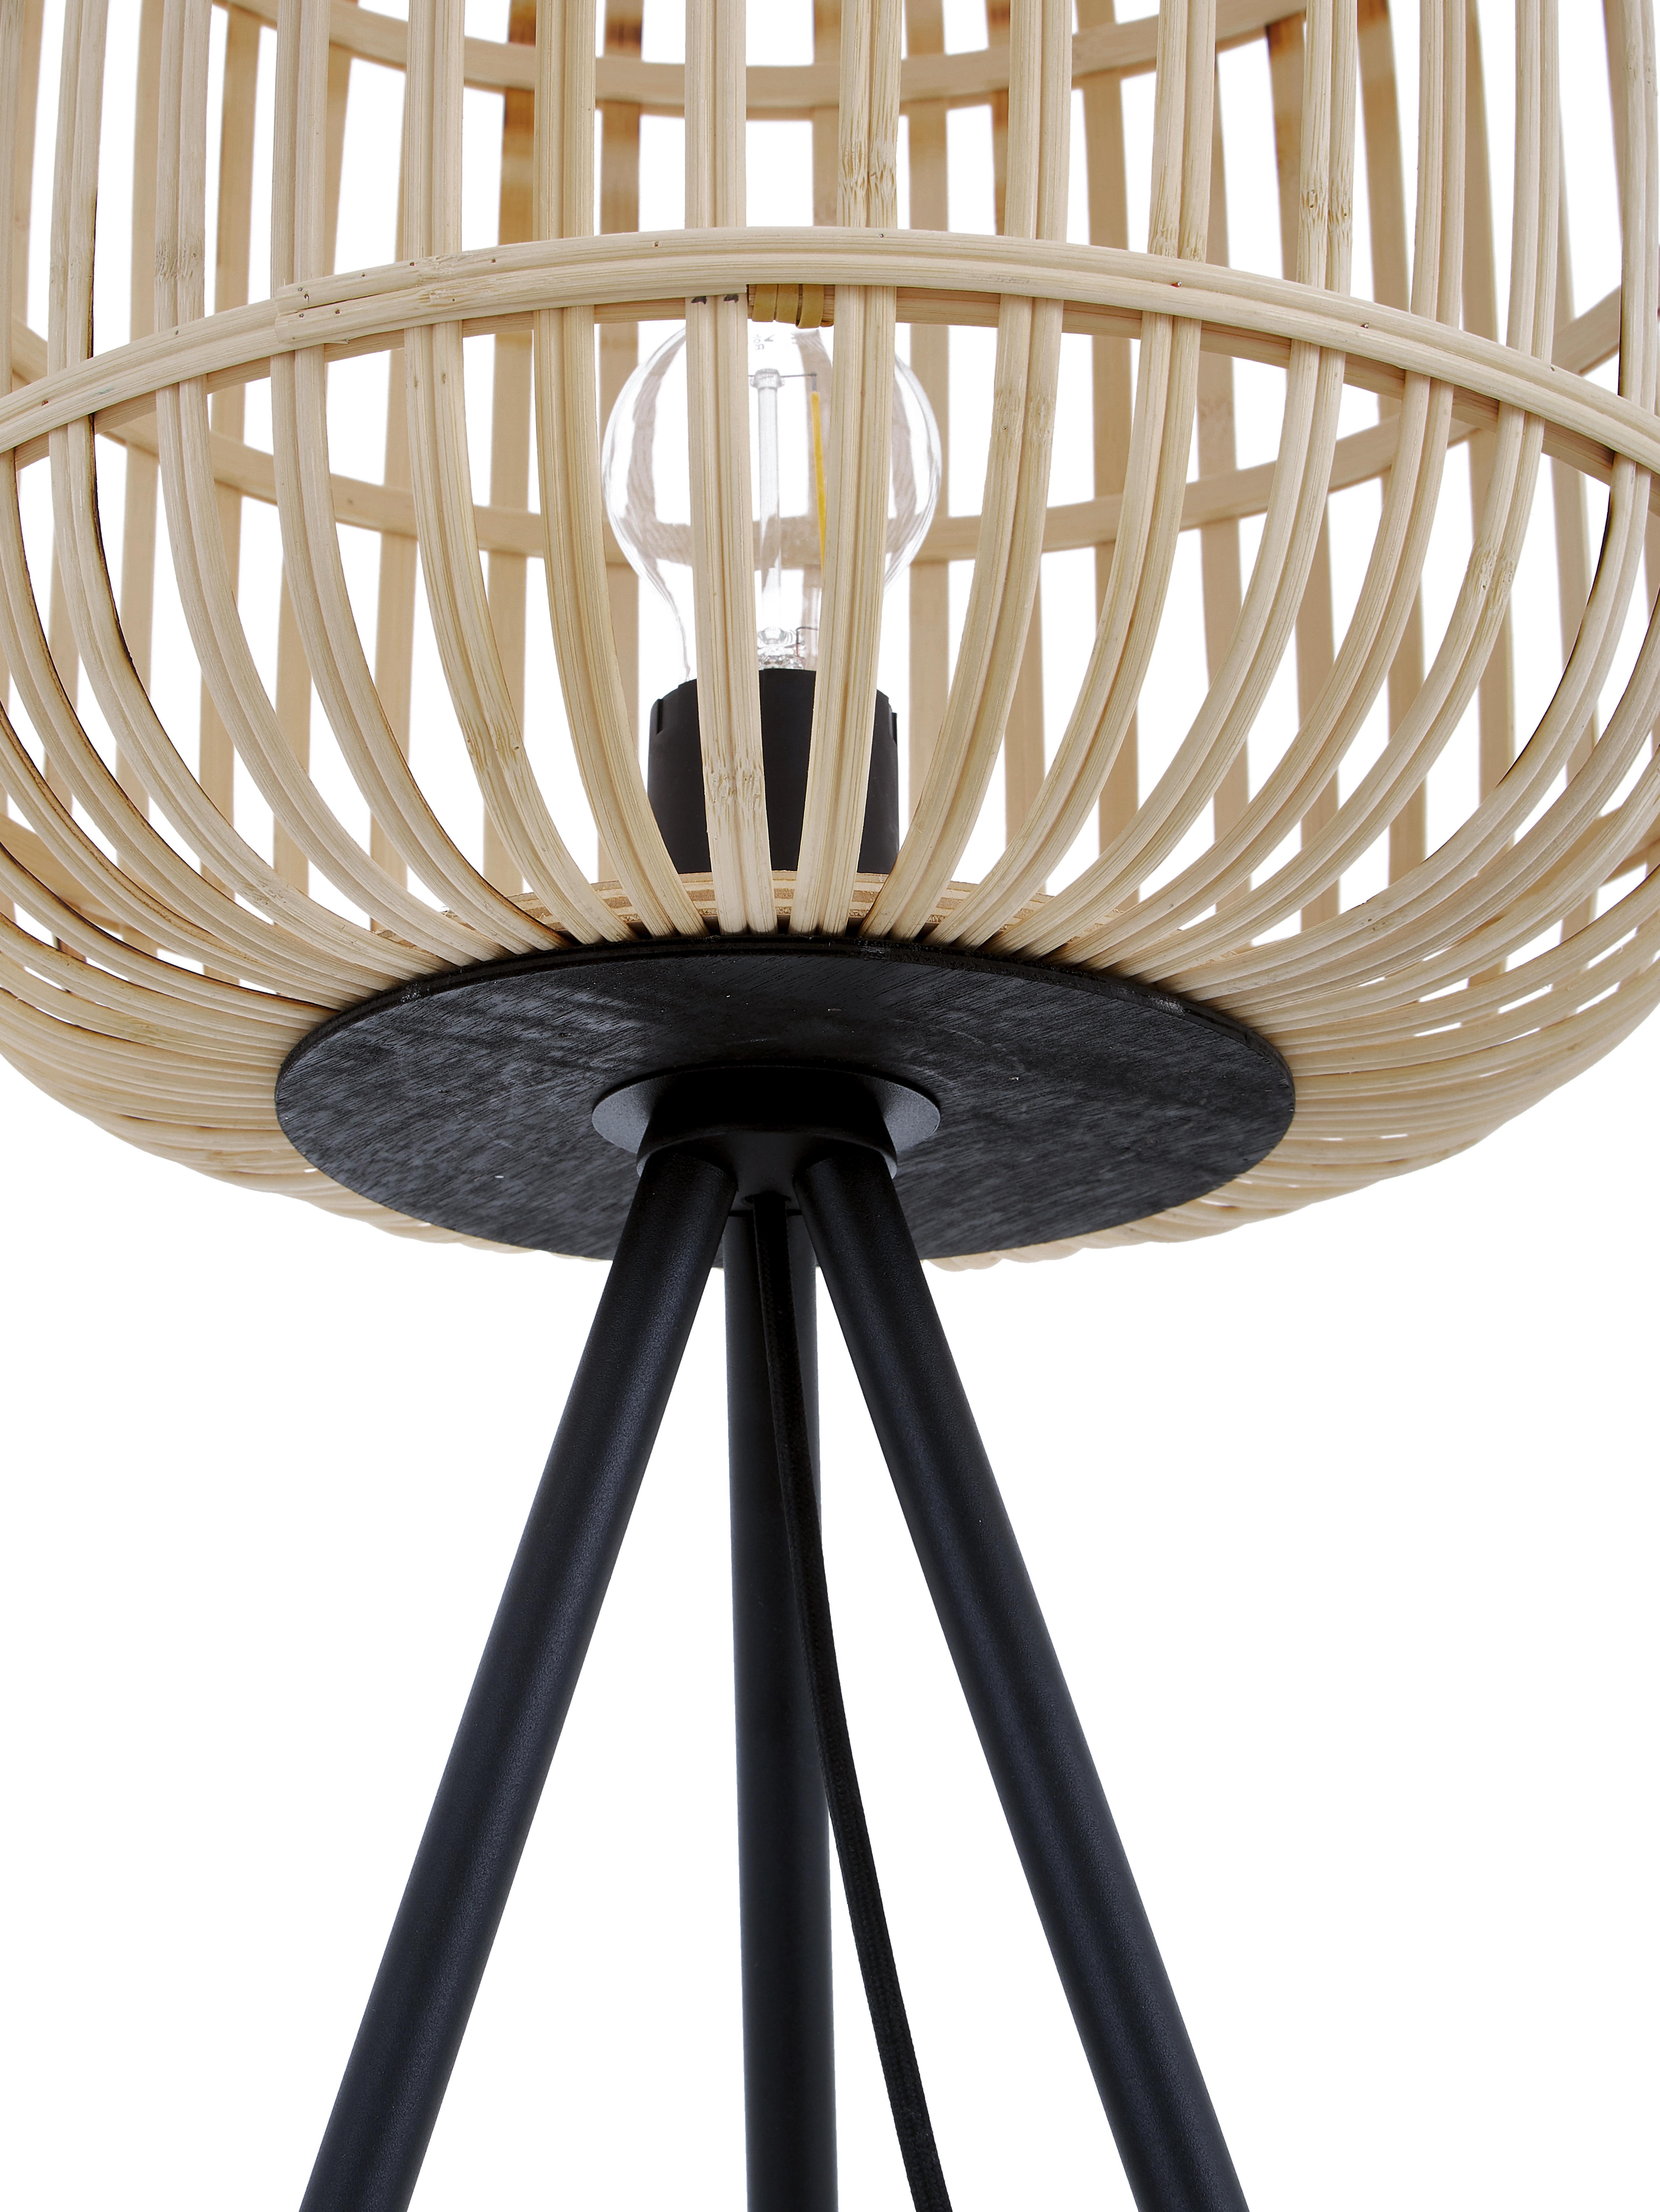 Lampadaire avec abat-jour en bois Bordesley, Noir, bois